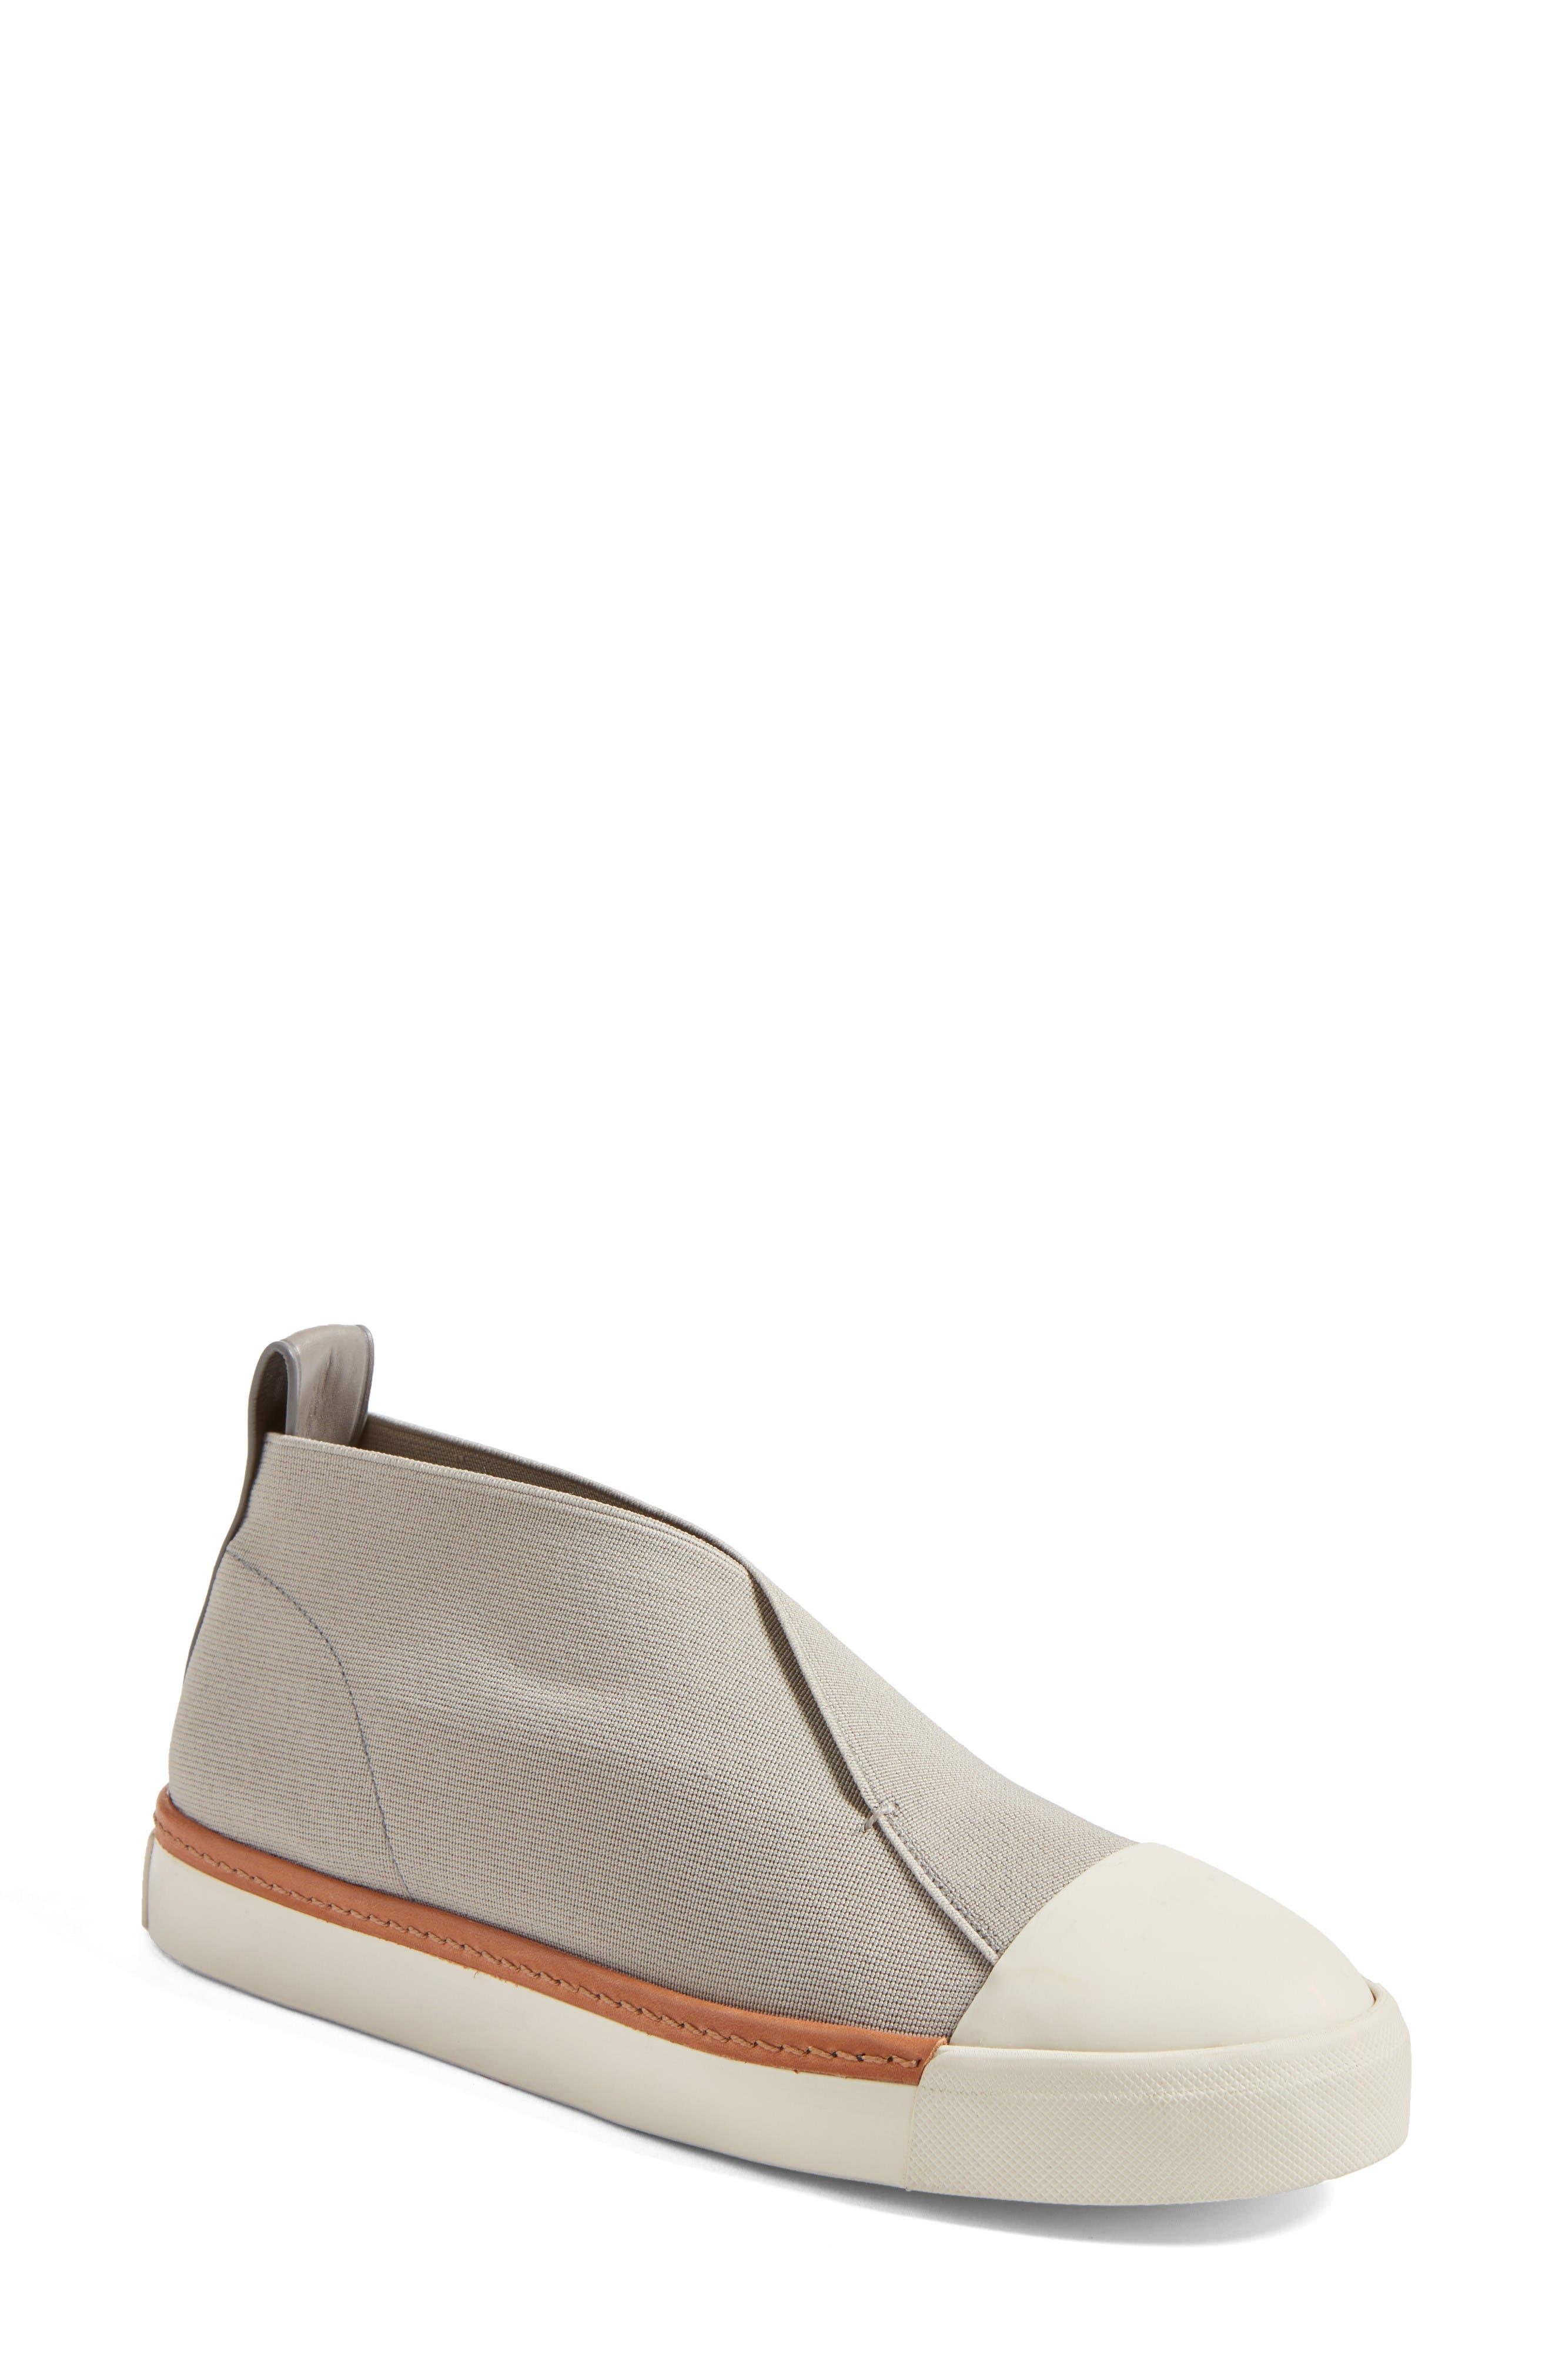 Main Image - Mercedes Castillo Thana Slip-On Sneaker (Women)